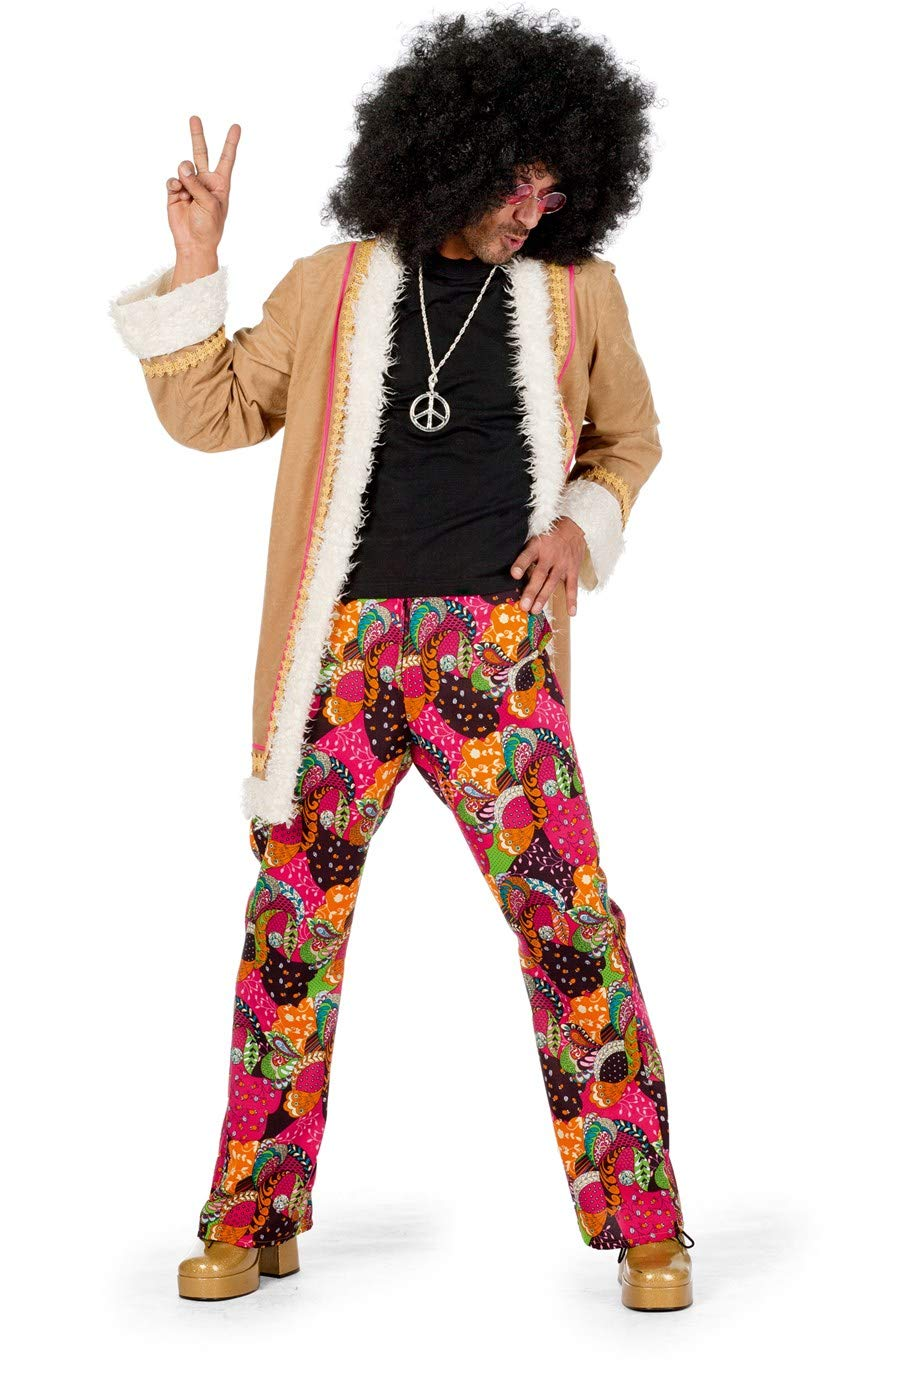 Wilbers 5456 Hippie-Kostüm Herren 2-teilig Jacke mit Fell-Saum und Hose Hochwertige Verkleidung Gruppenkostüm Partnerkostüm Männer Größe 50 Multi B07L34BZR2 Kostüme für Erwachsene Gute Qualität    eine große Vielfalt